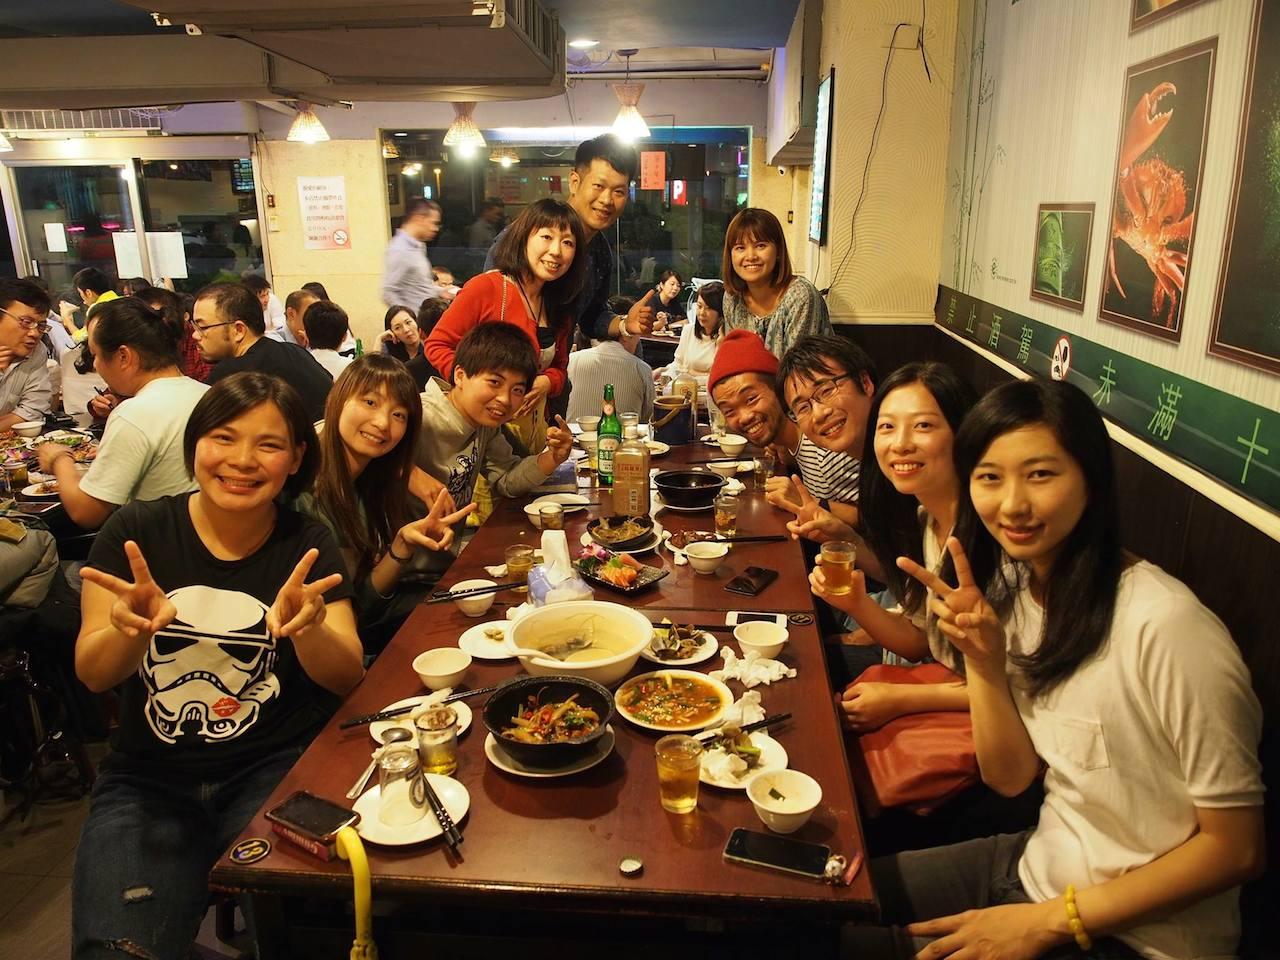 Taipei team tasmania